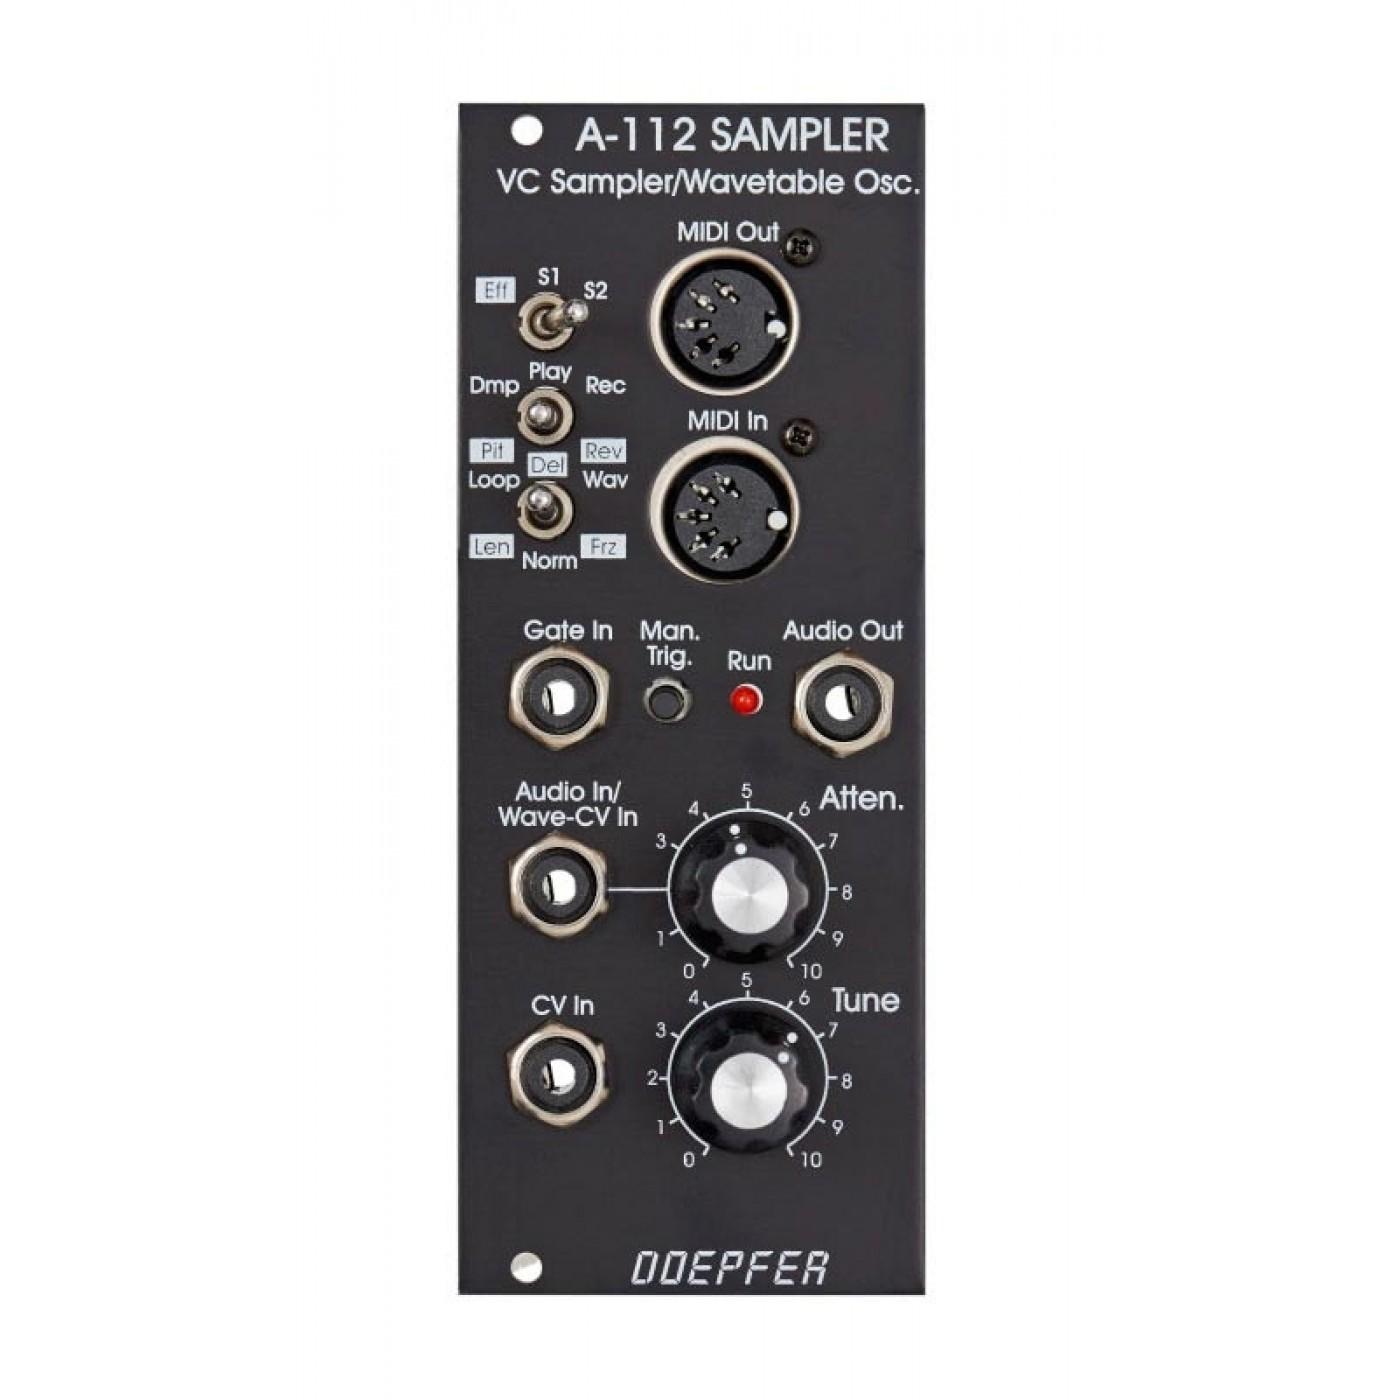 Doepfer A-112 Sampler Wavetable Vintage Edition | Rage Audio